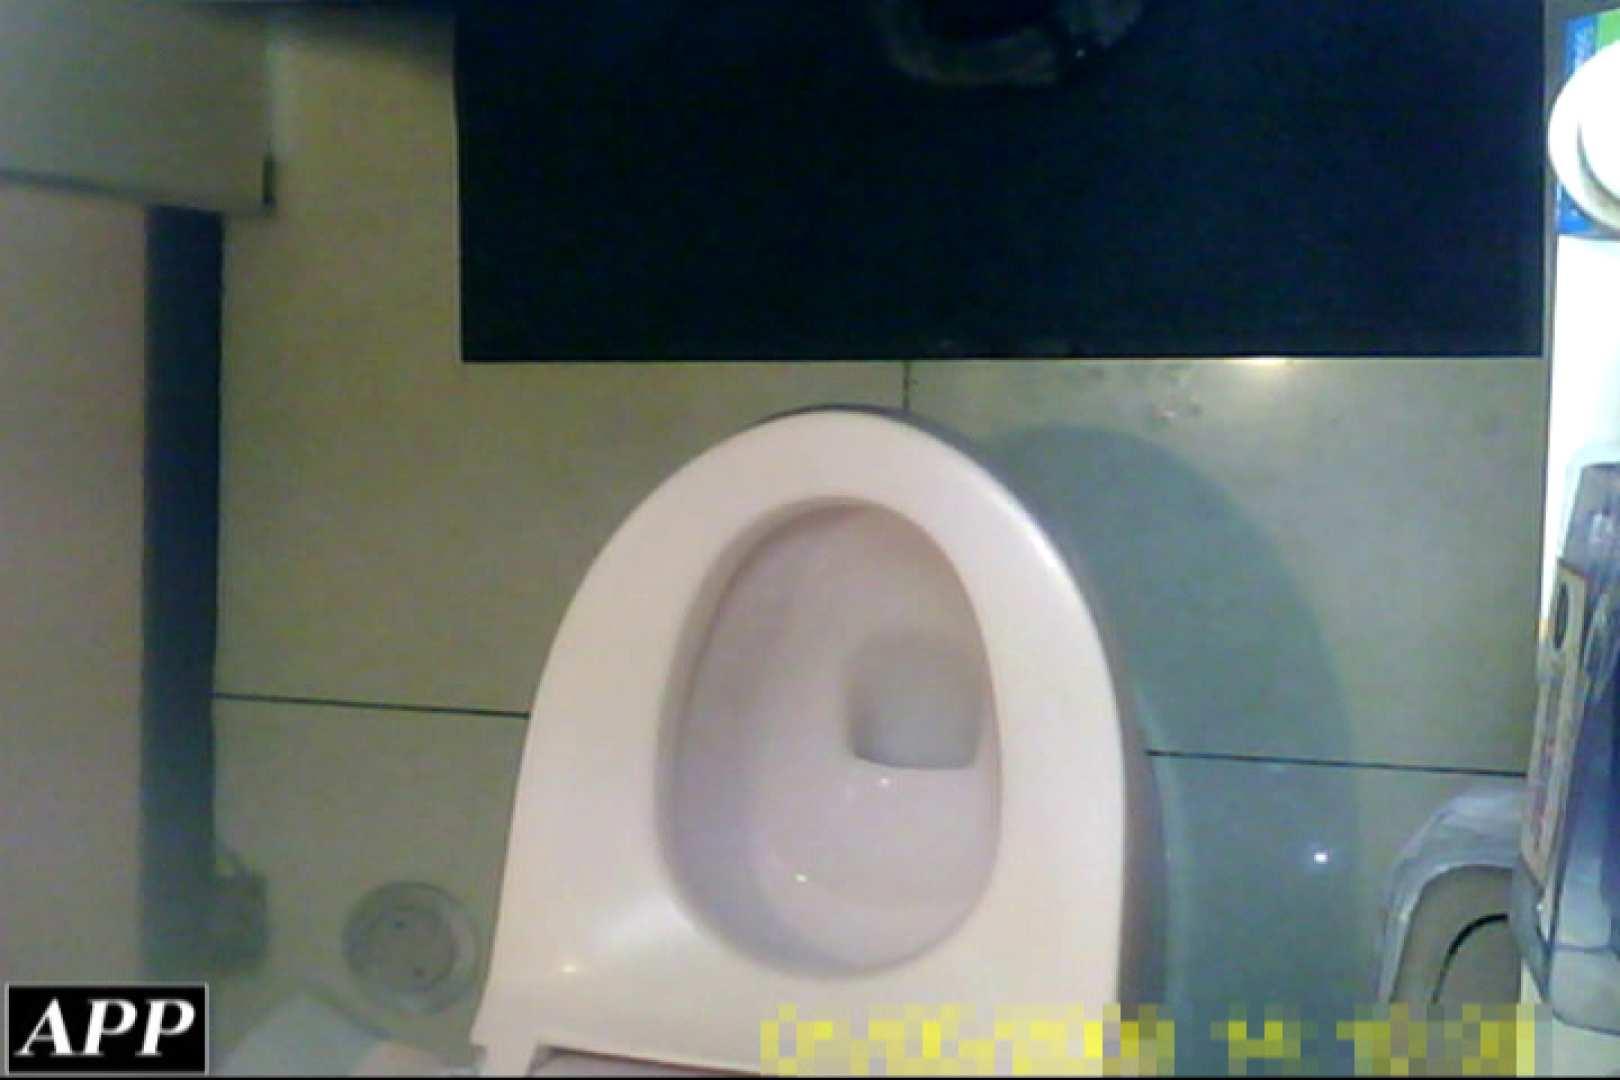 3視点洗面所 vol.35 オマンコ | 色っぽいOL達  68pic 31